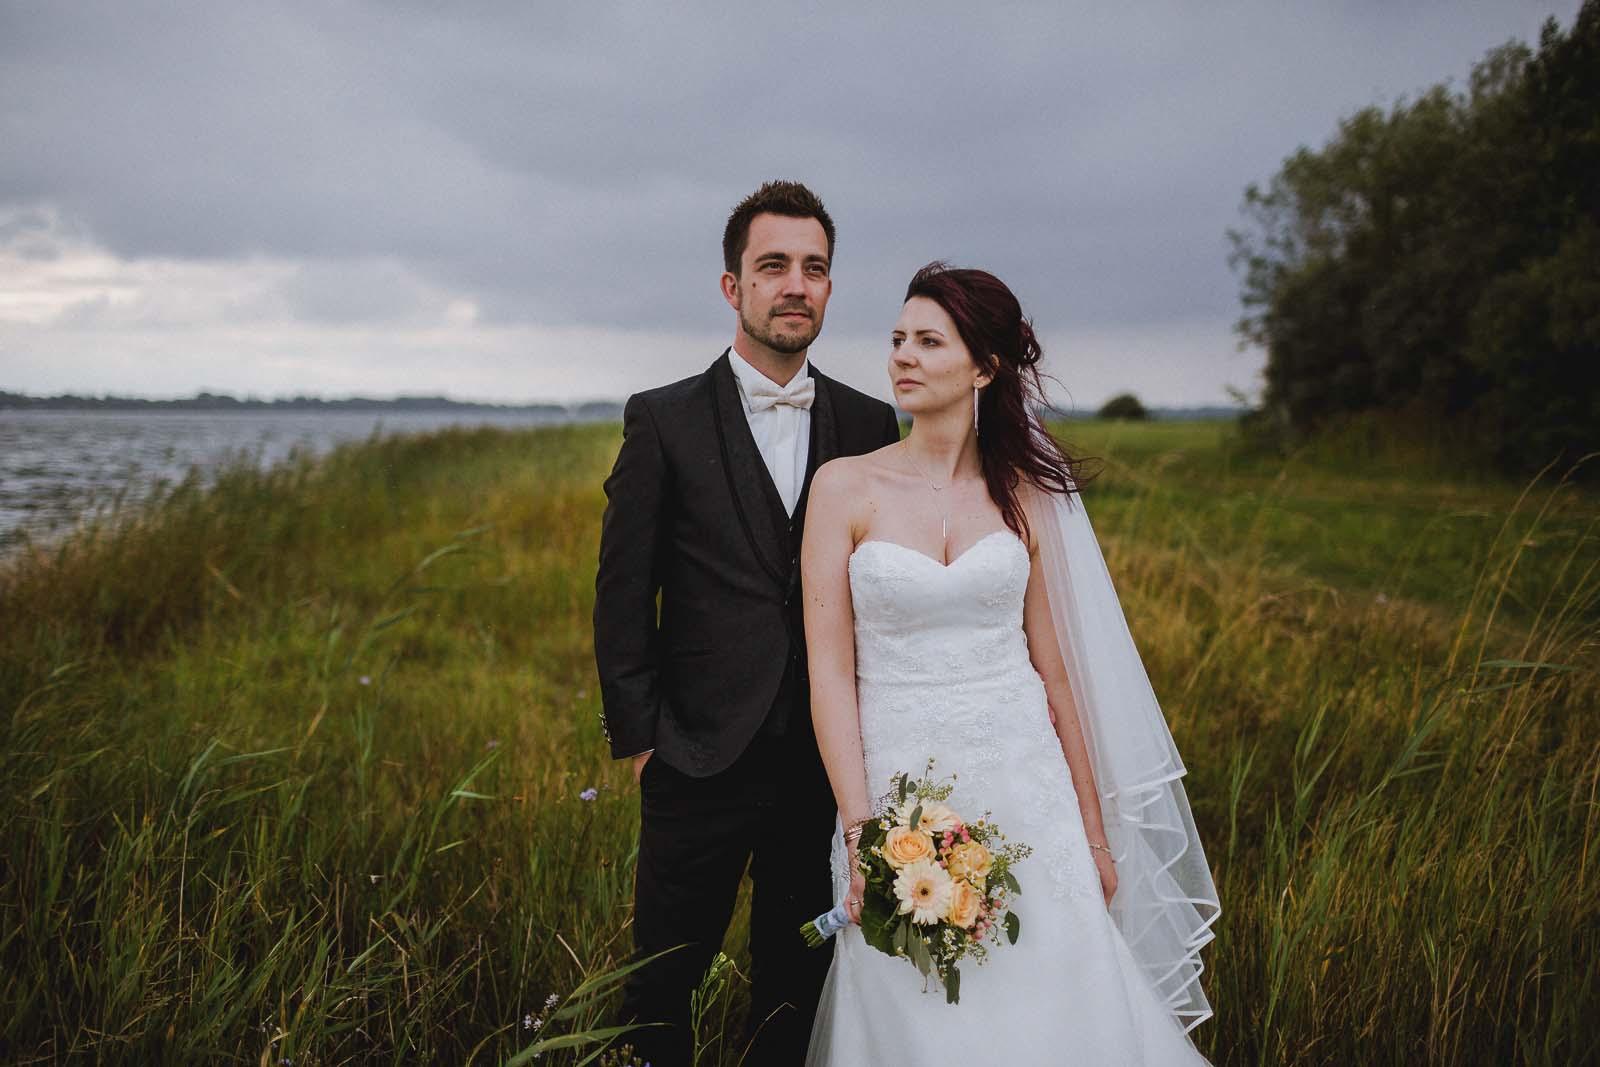 Hochzeitsfotograf mit Brautpaar am Strelasund auf Altefaehr bei Stralsund Copyright by Hochzeitsfotograf www.berliner-hochzeitsfotografie.de